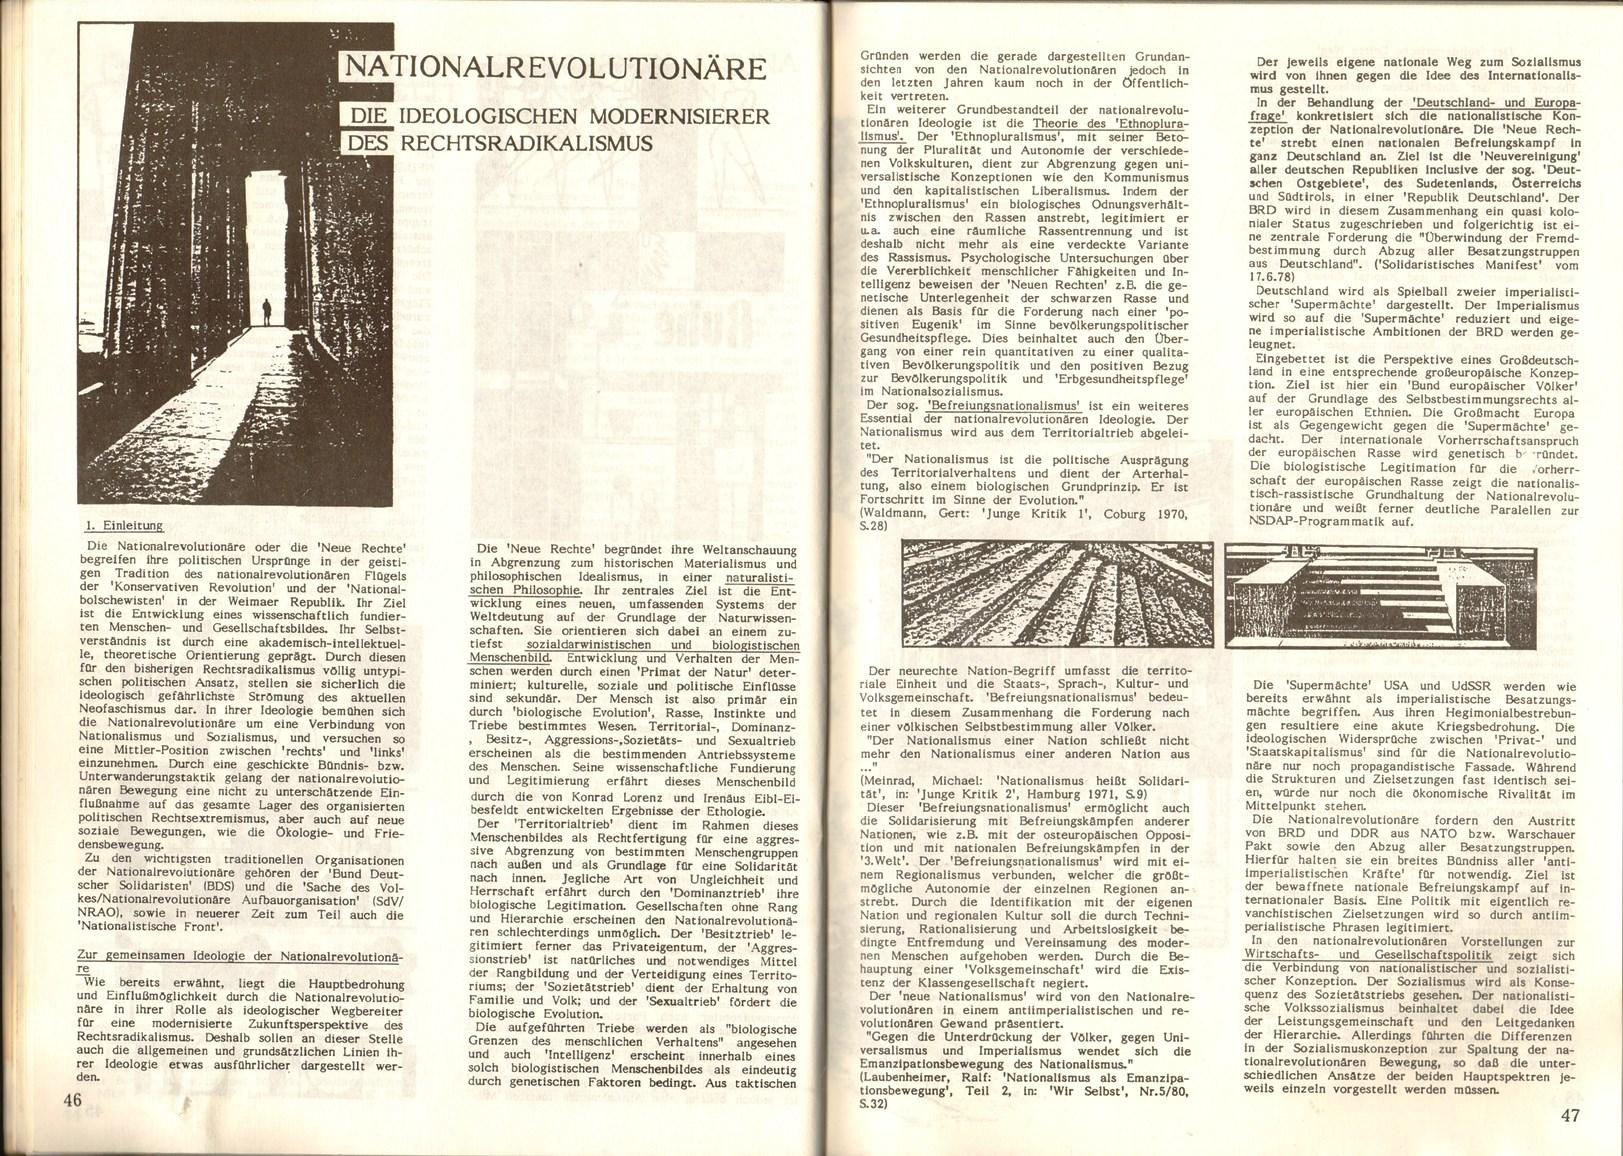 Gelsenkirchen_Zukunft_Vergangenheit_1988_24